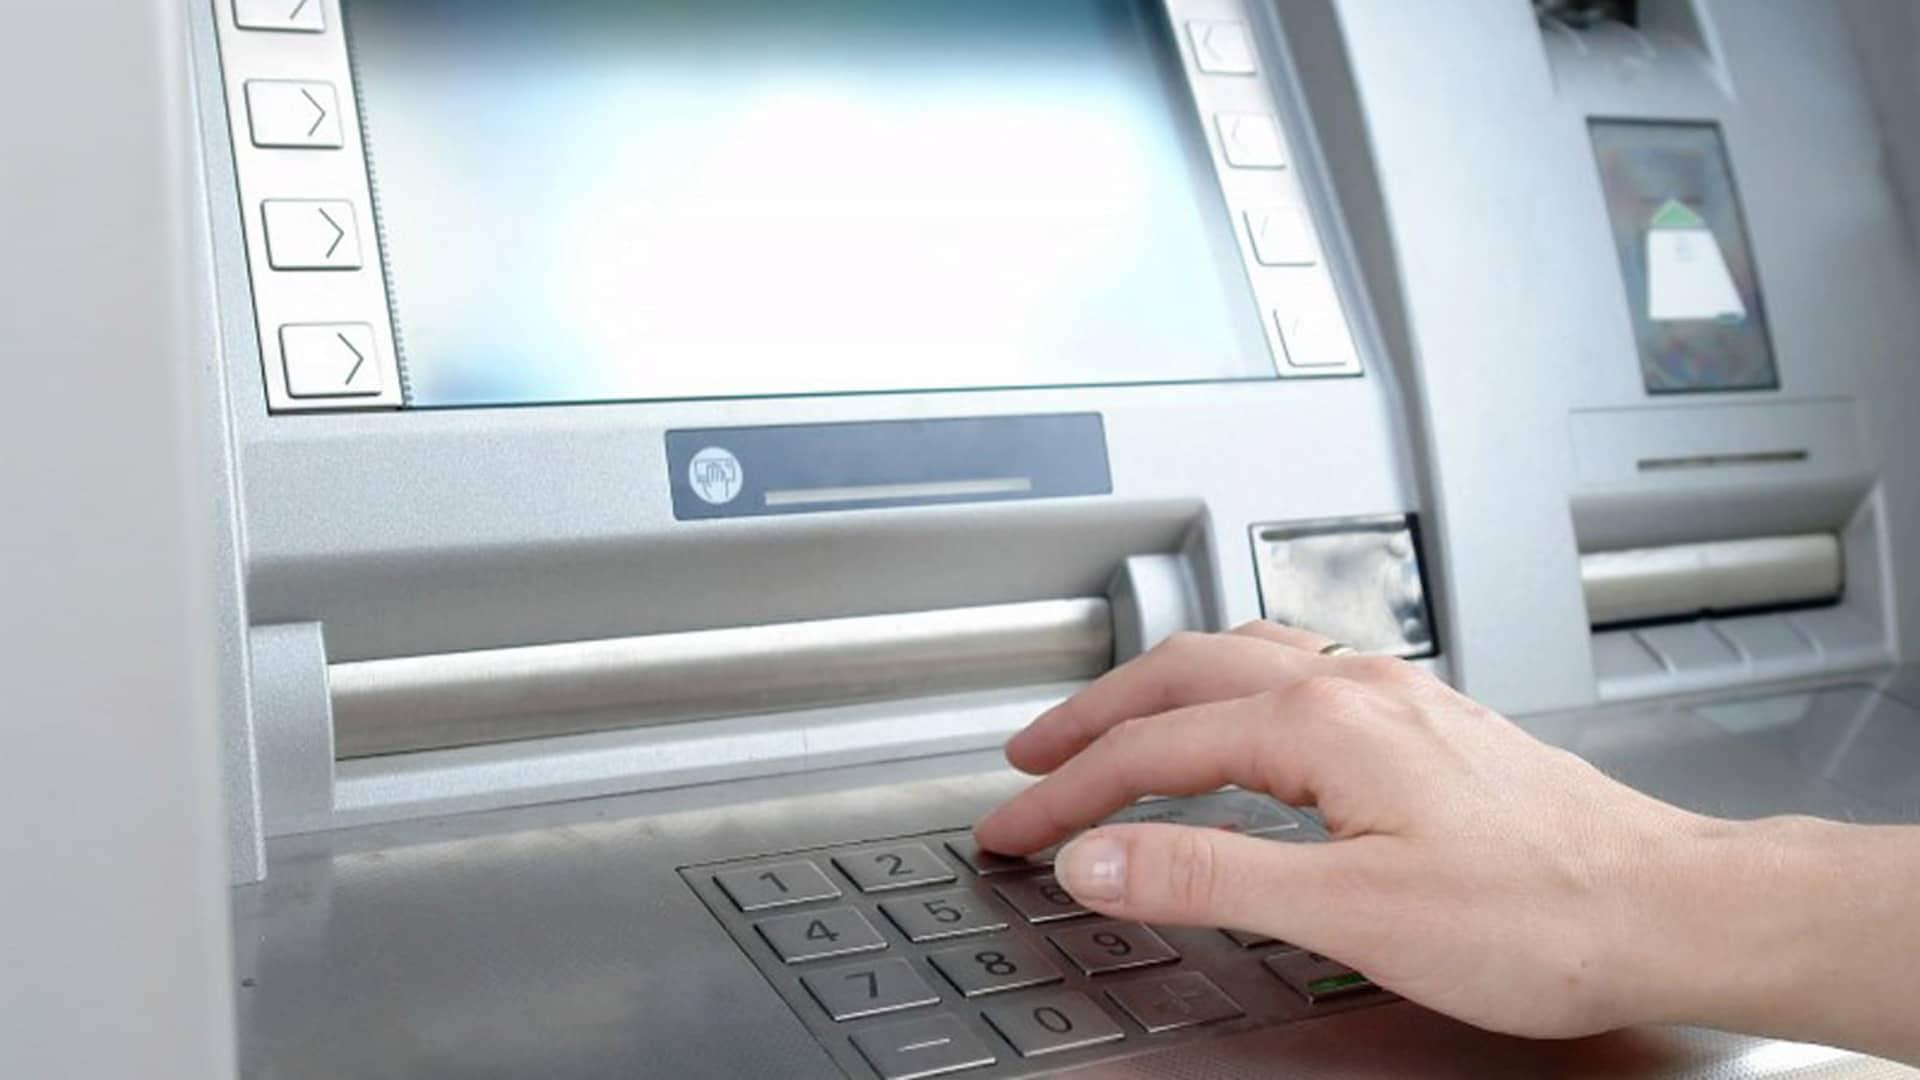 Sacar dinero sin tarjeta en Openbank: qué necesito y cómo proceder